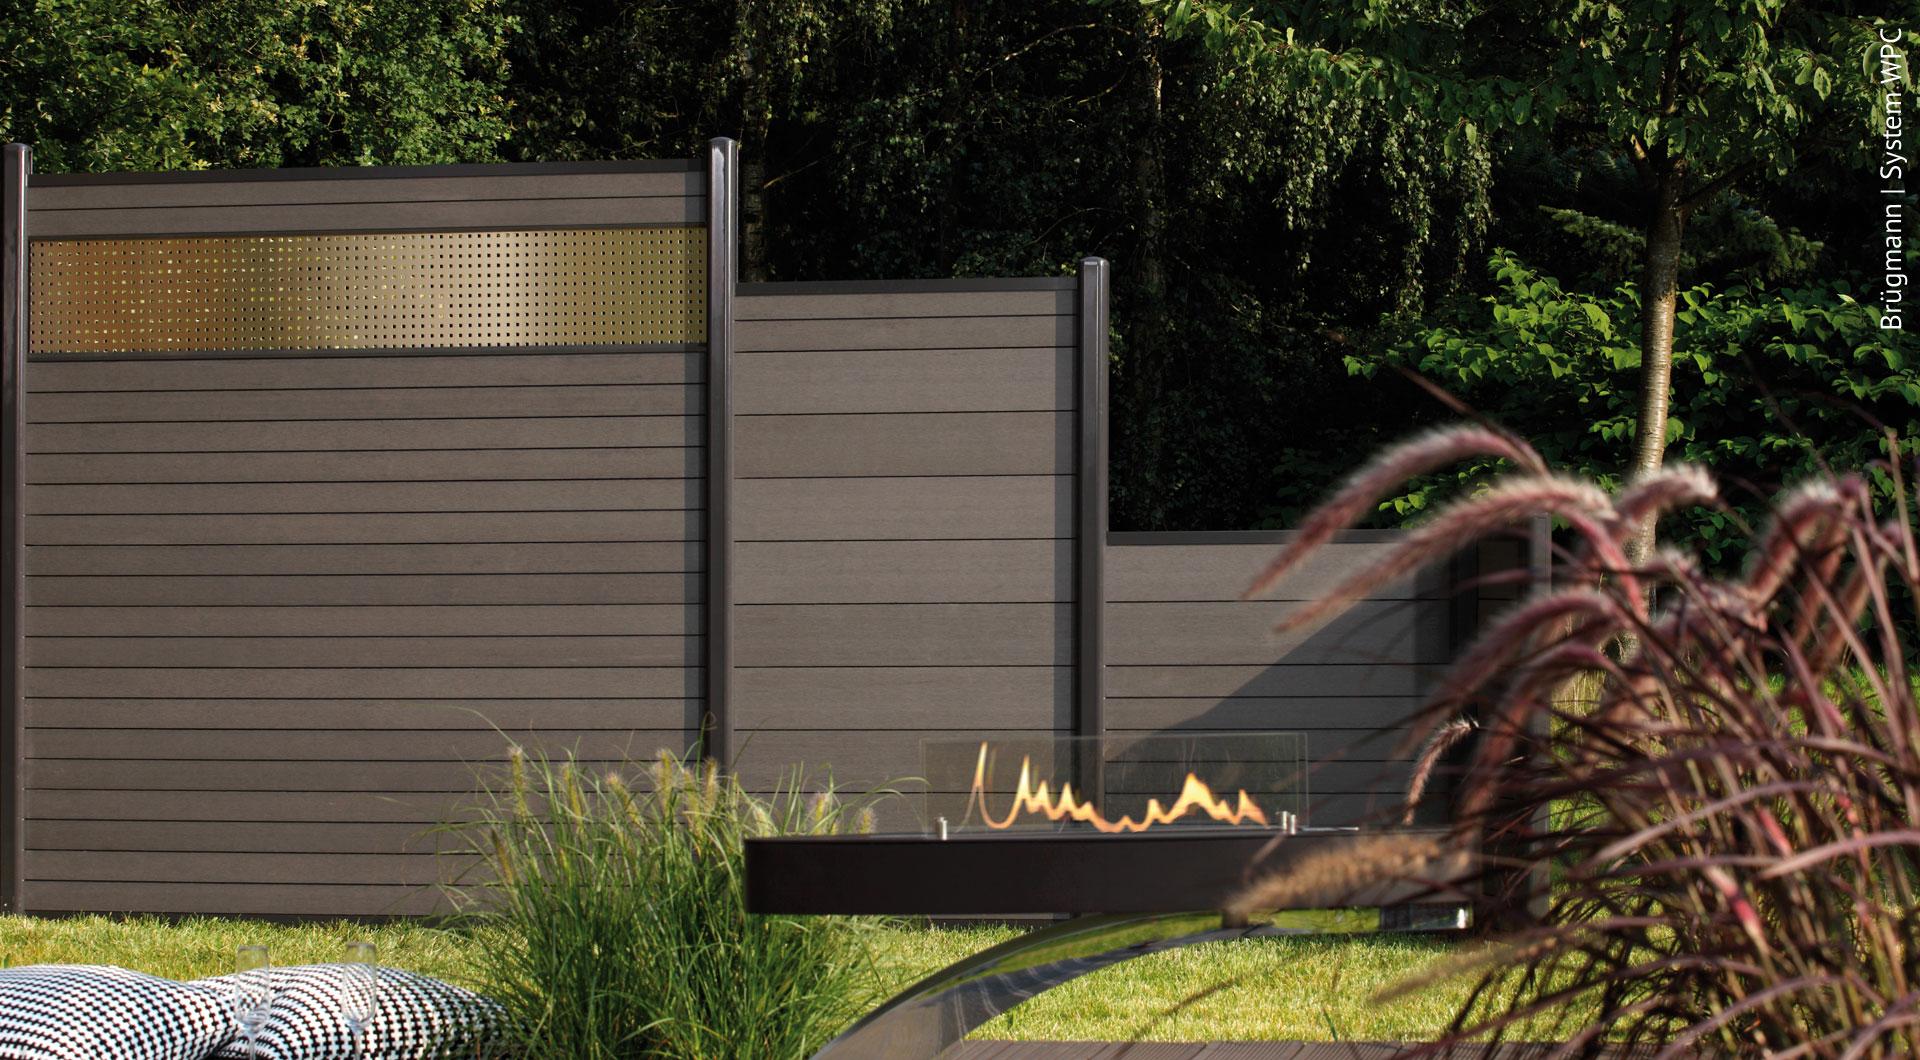 Full Size of Wpc Zune Der Sichtschutz Ohne Pflegeaufwand Holz Roeren Gmbh Spielhaus Garten Kunststoff Unterschrank Bad Eckbank Massivholz Regal Versicherung Pool Im Bauen Garten Sichtschutz Garten Holz